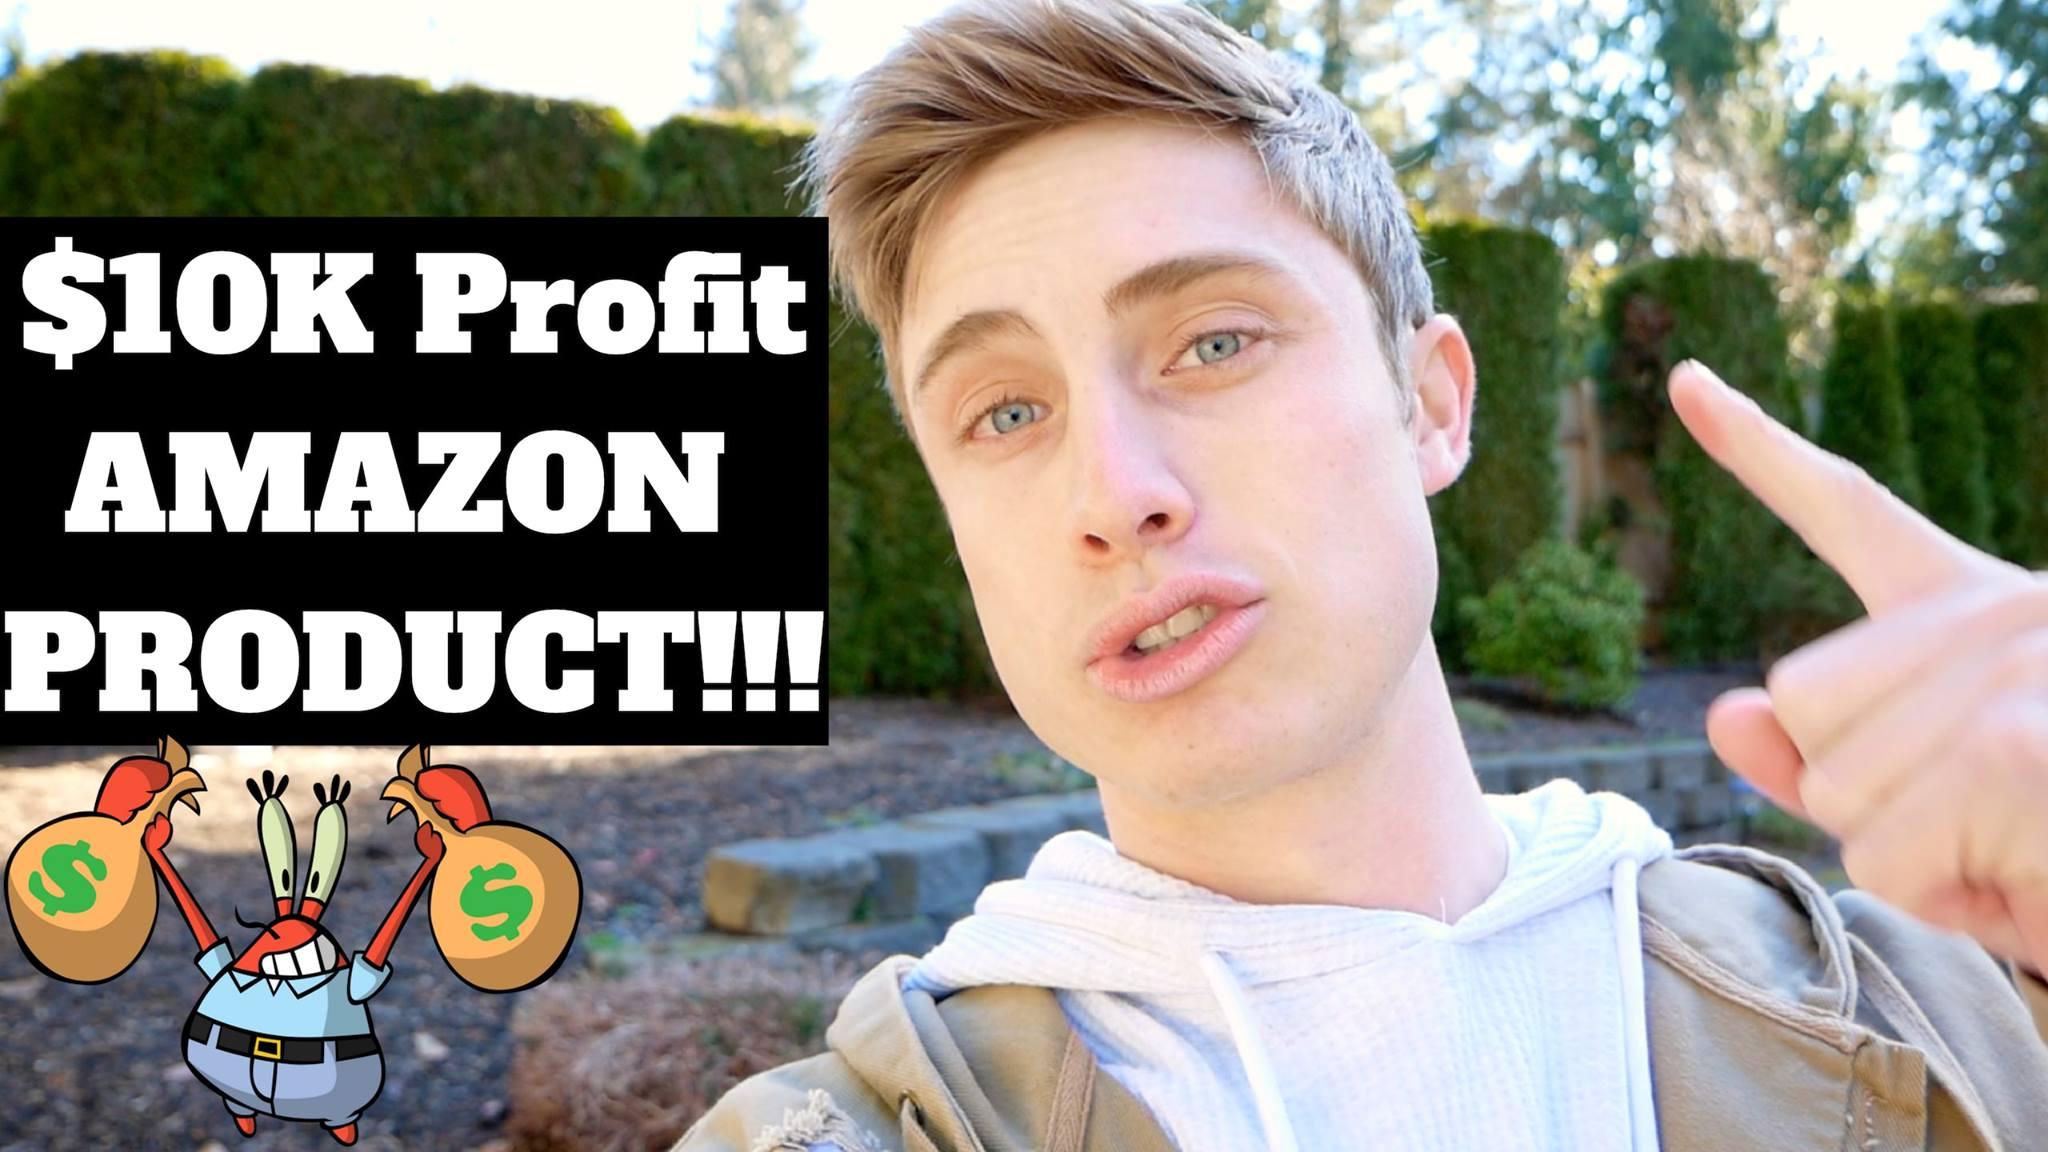 Luke W on Amazon